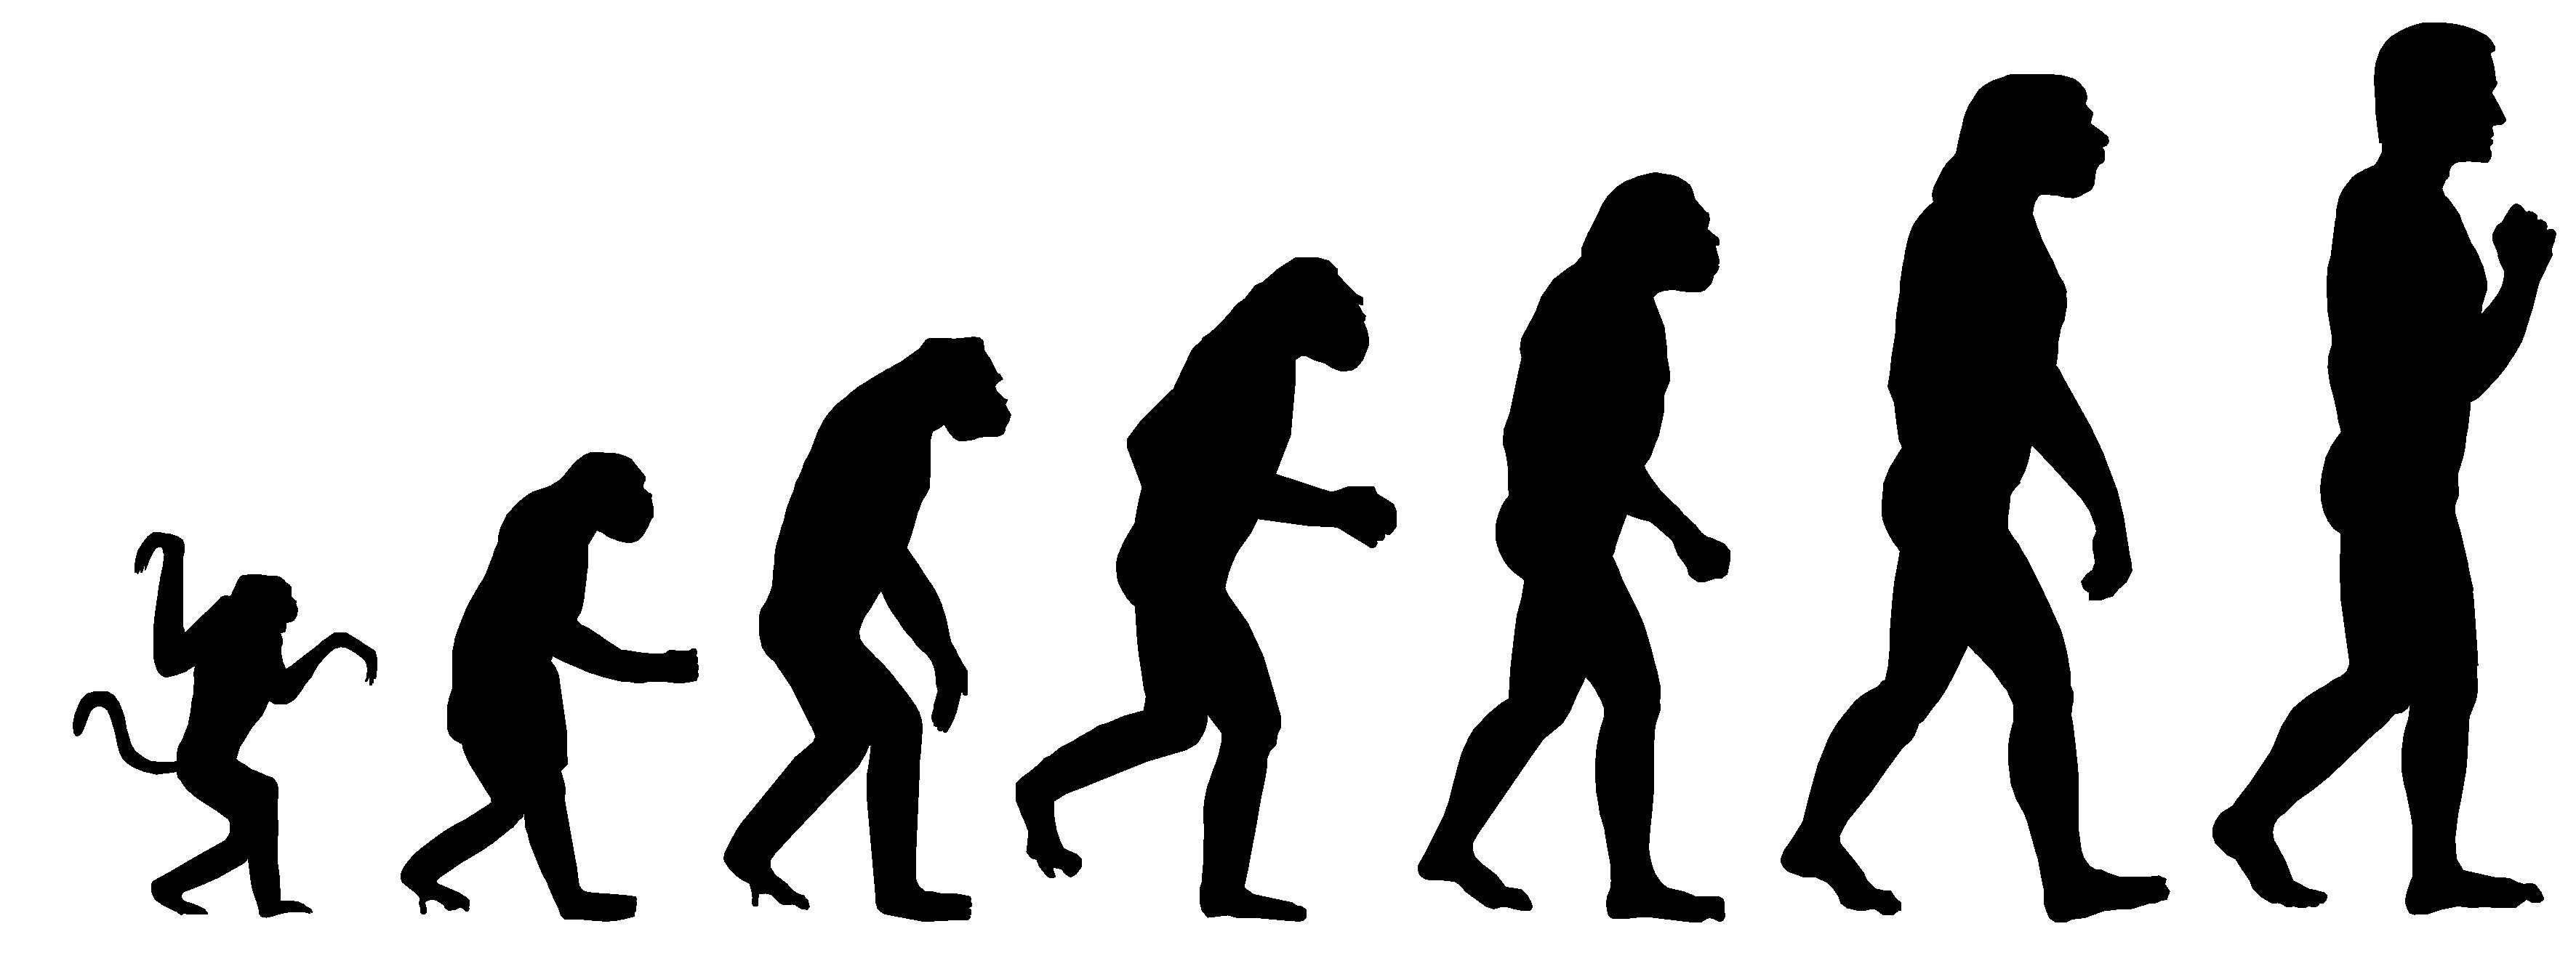 3543x1311 Evolution And A Case For Faith